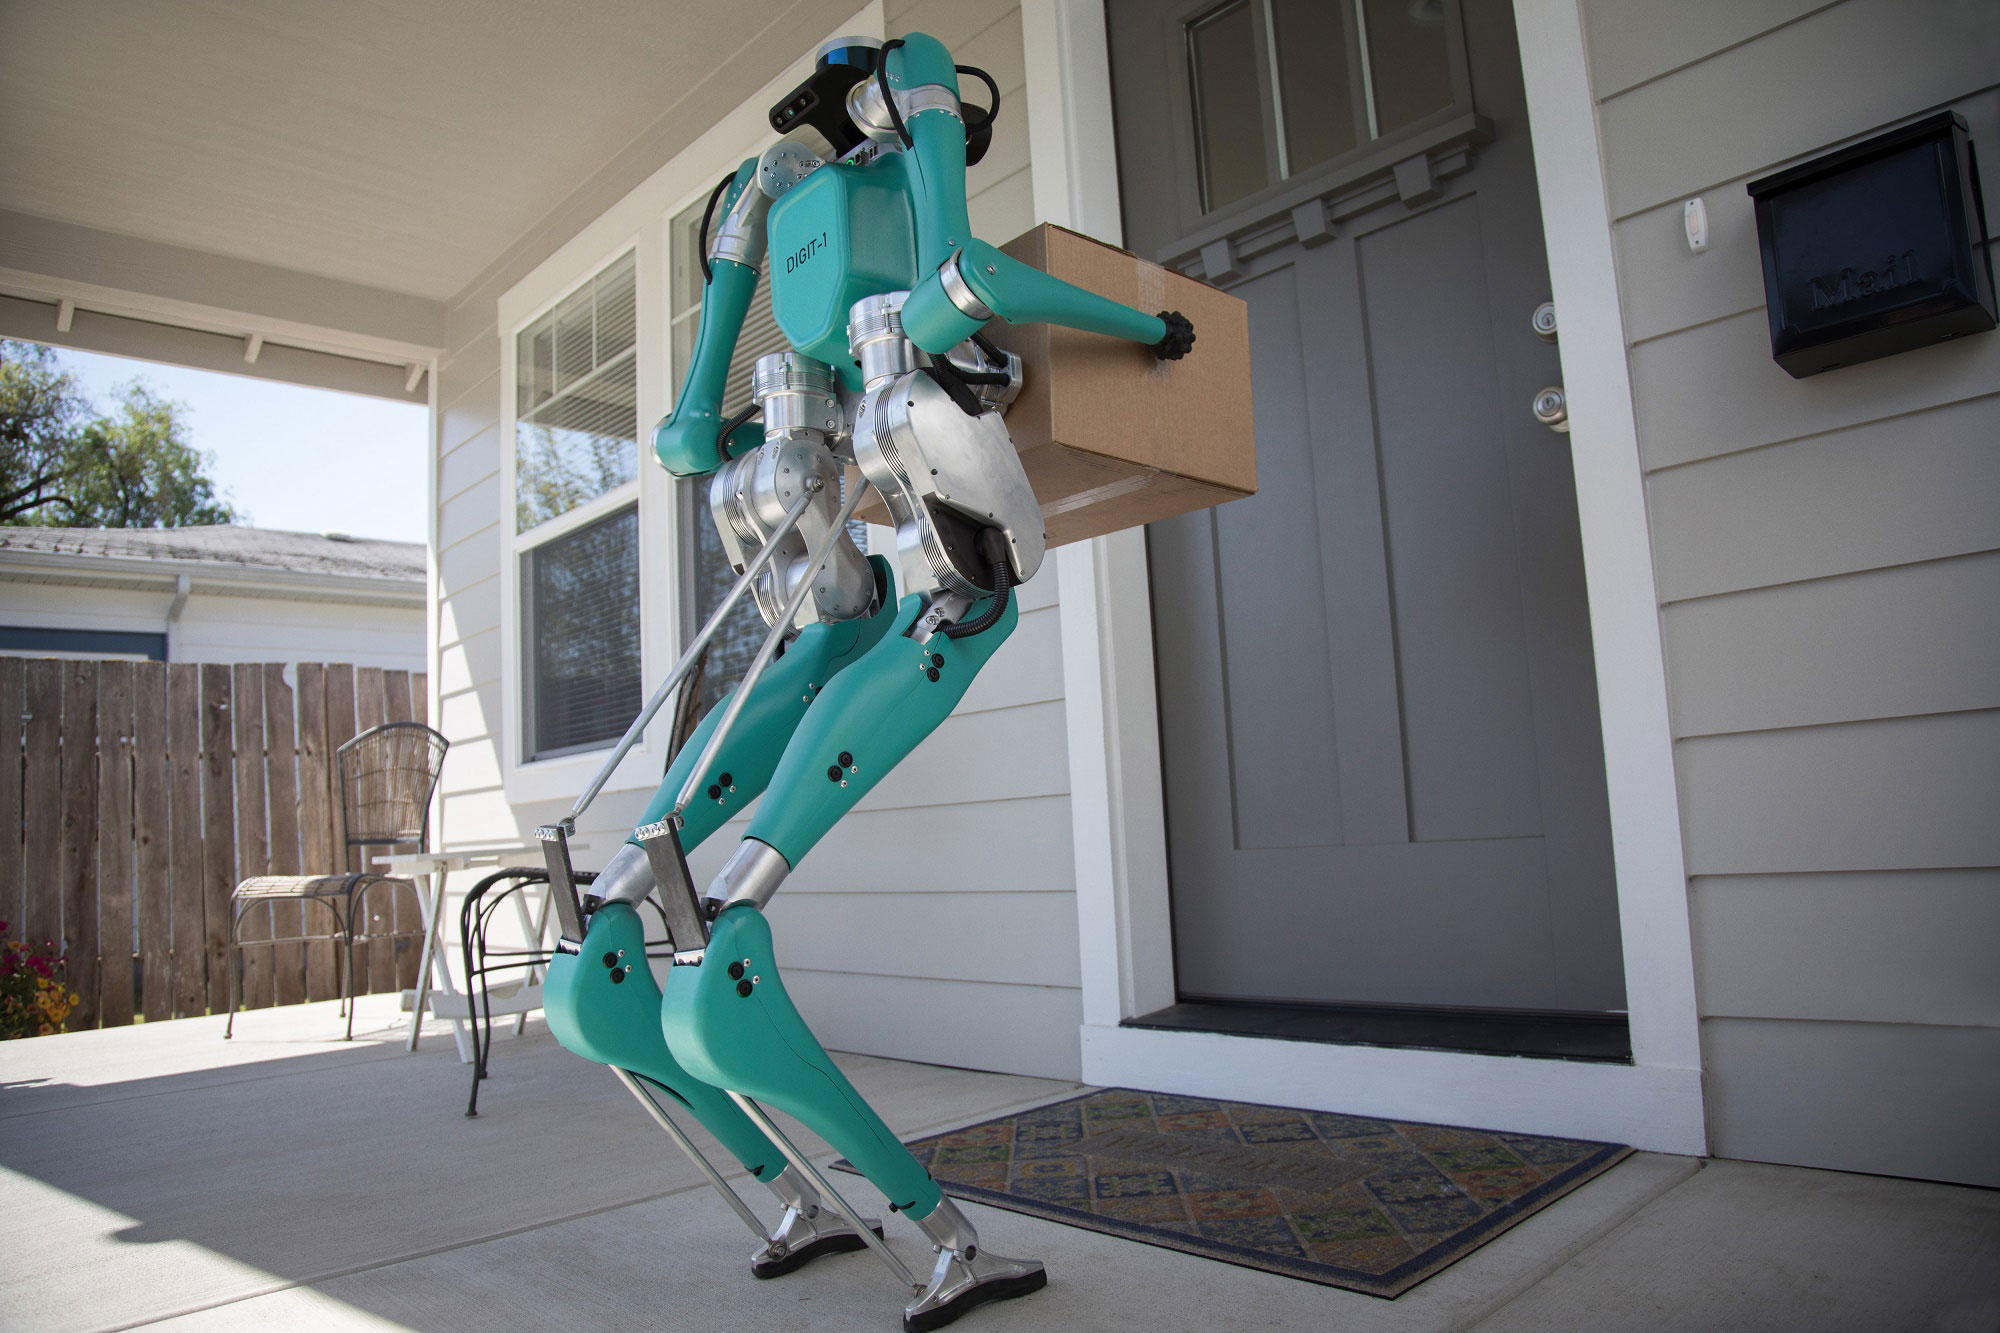 ford-robot.jpg